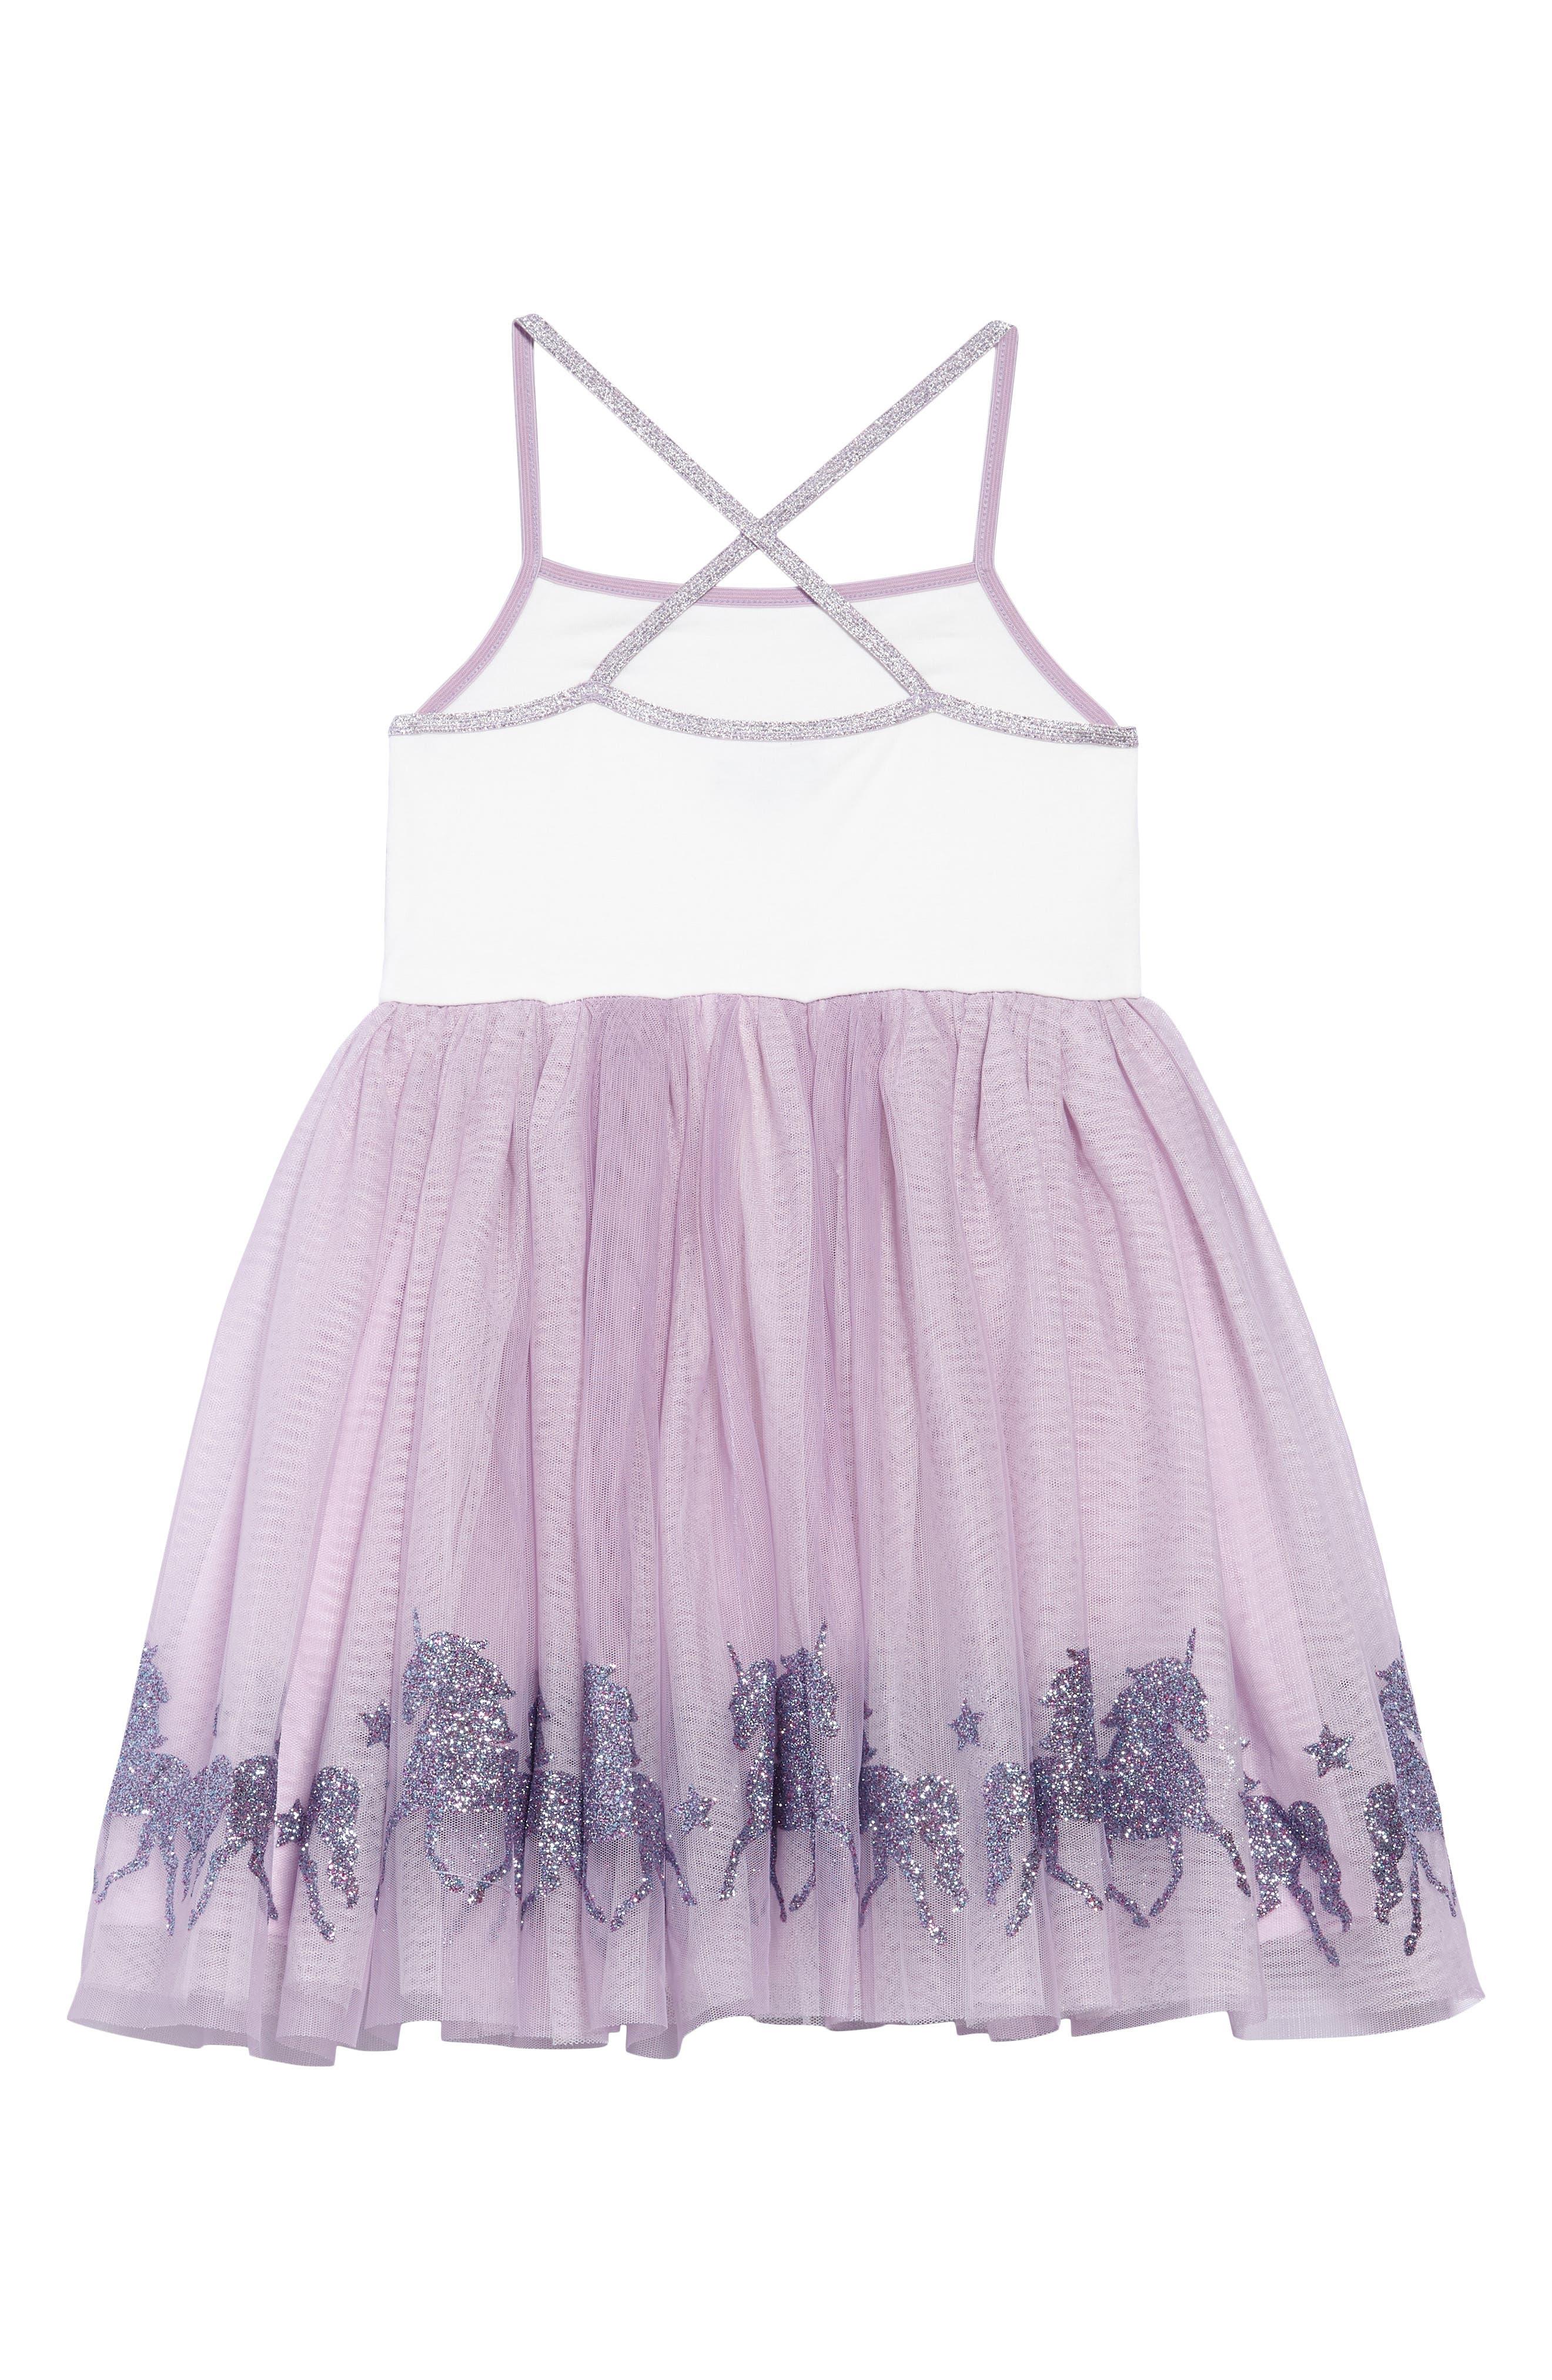 Glittery Unicorn Ballerina Dress,                             Alternate thumbnail 2, color,                             LAVENDER